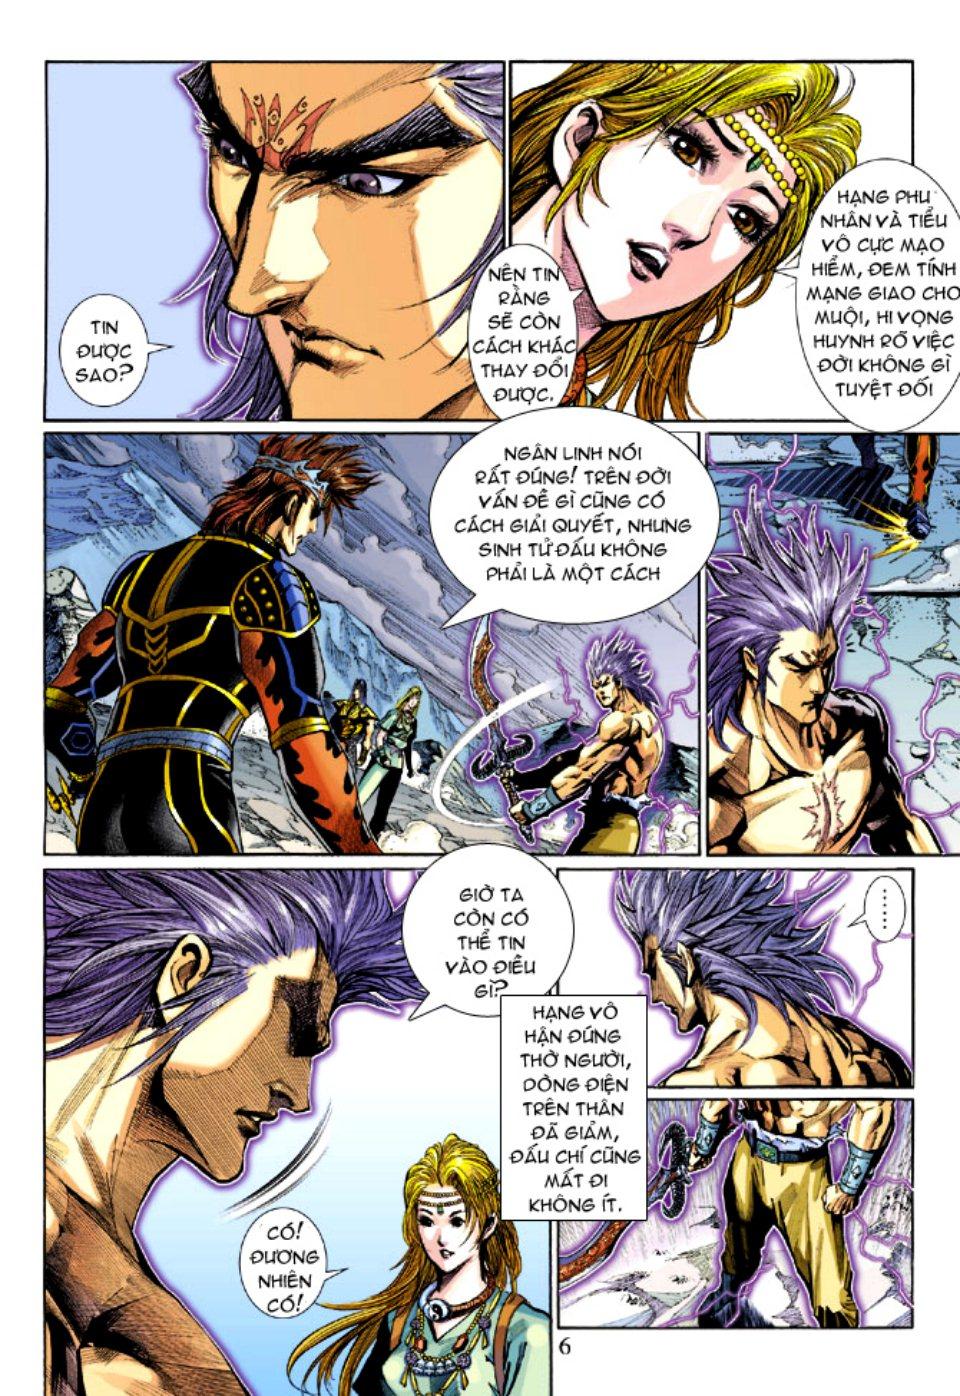 Thiên Tử Truyền Kỳ 5 - Như Lai Thần Chưởng chap 212 - Trang 6